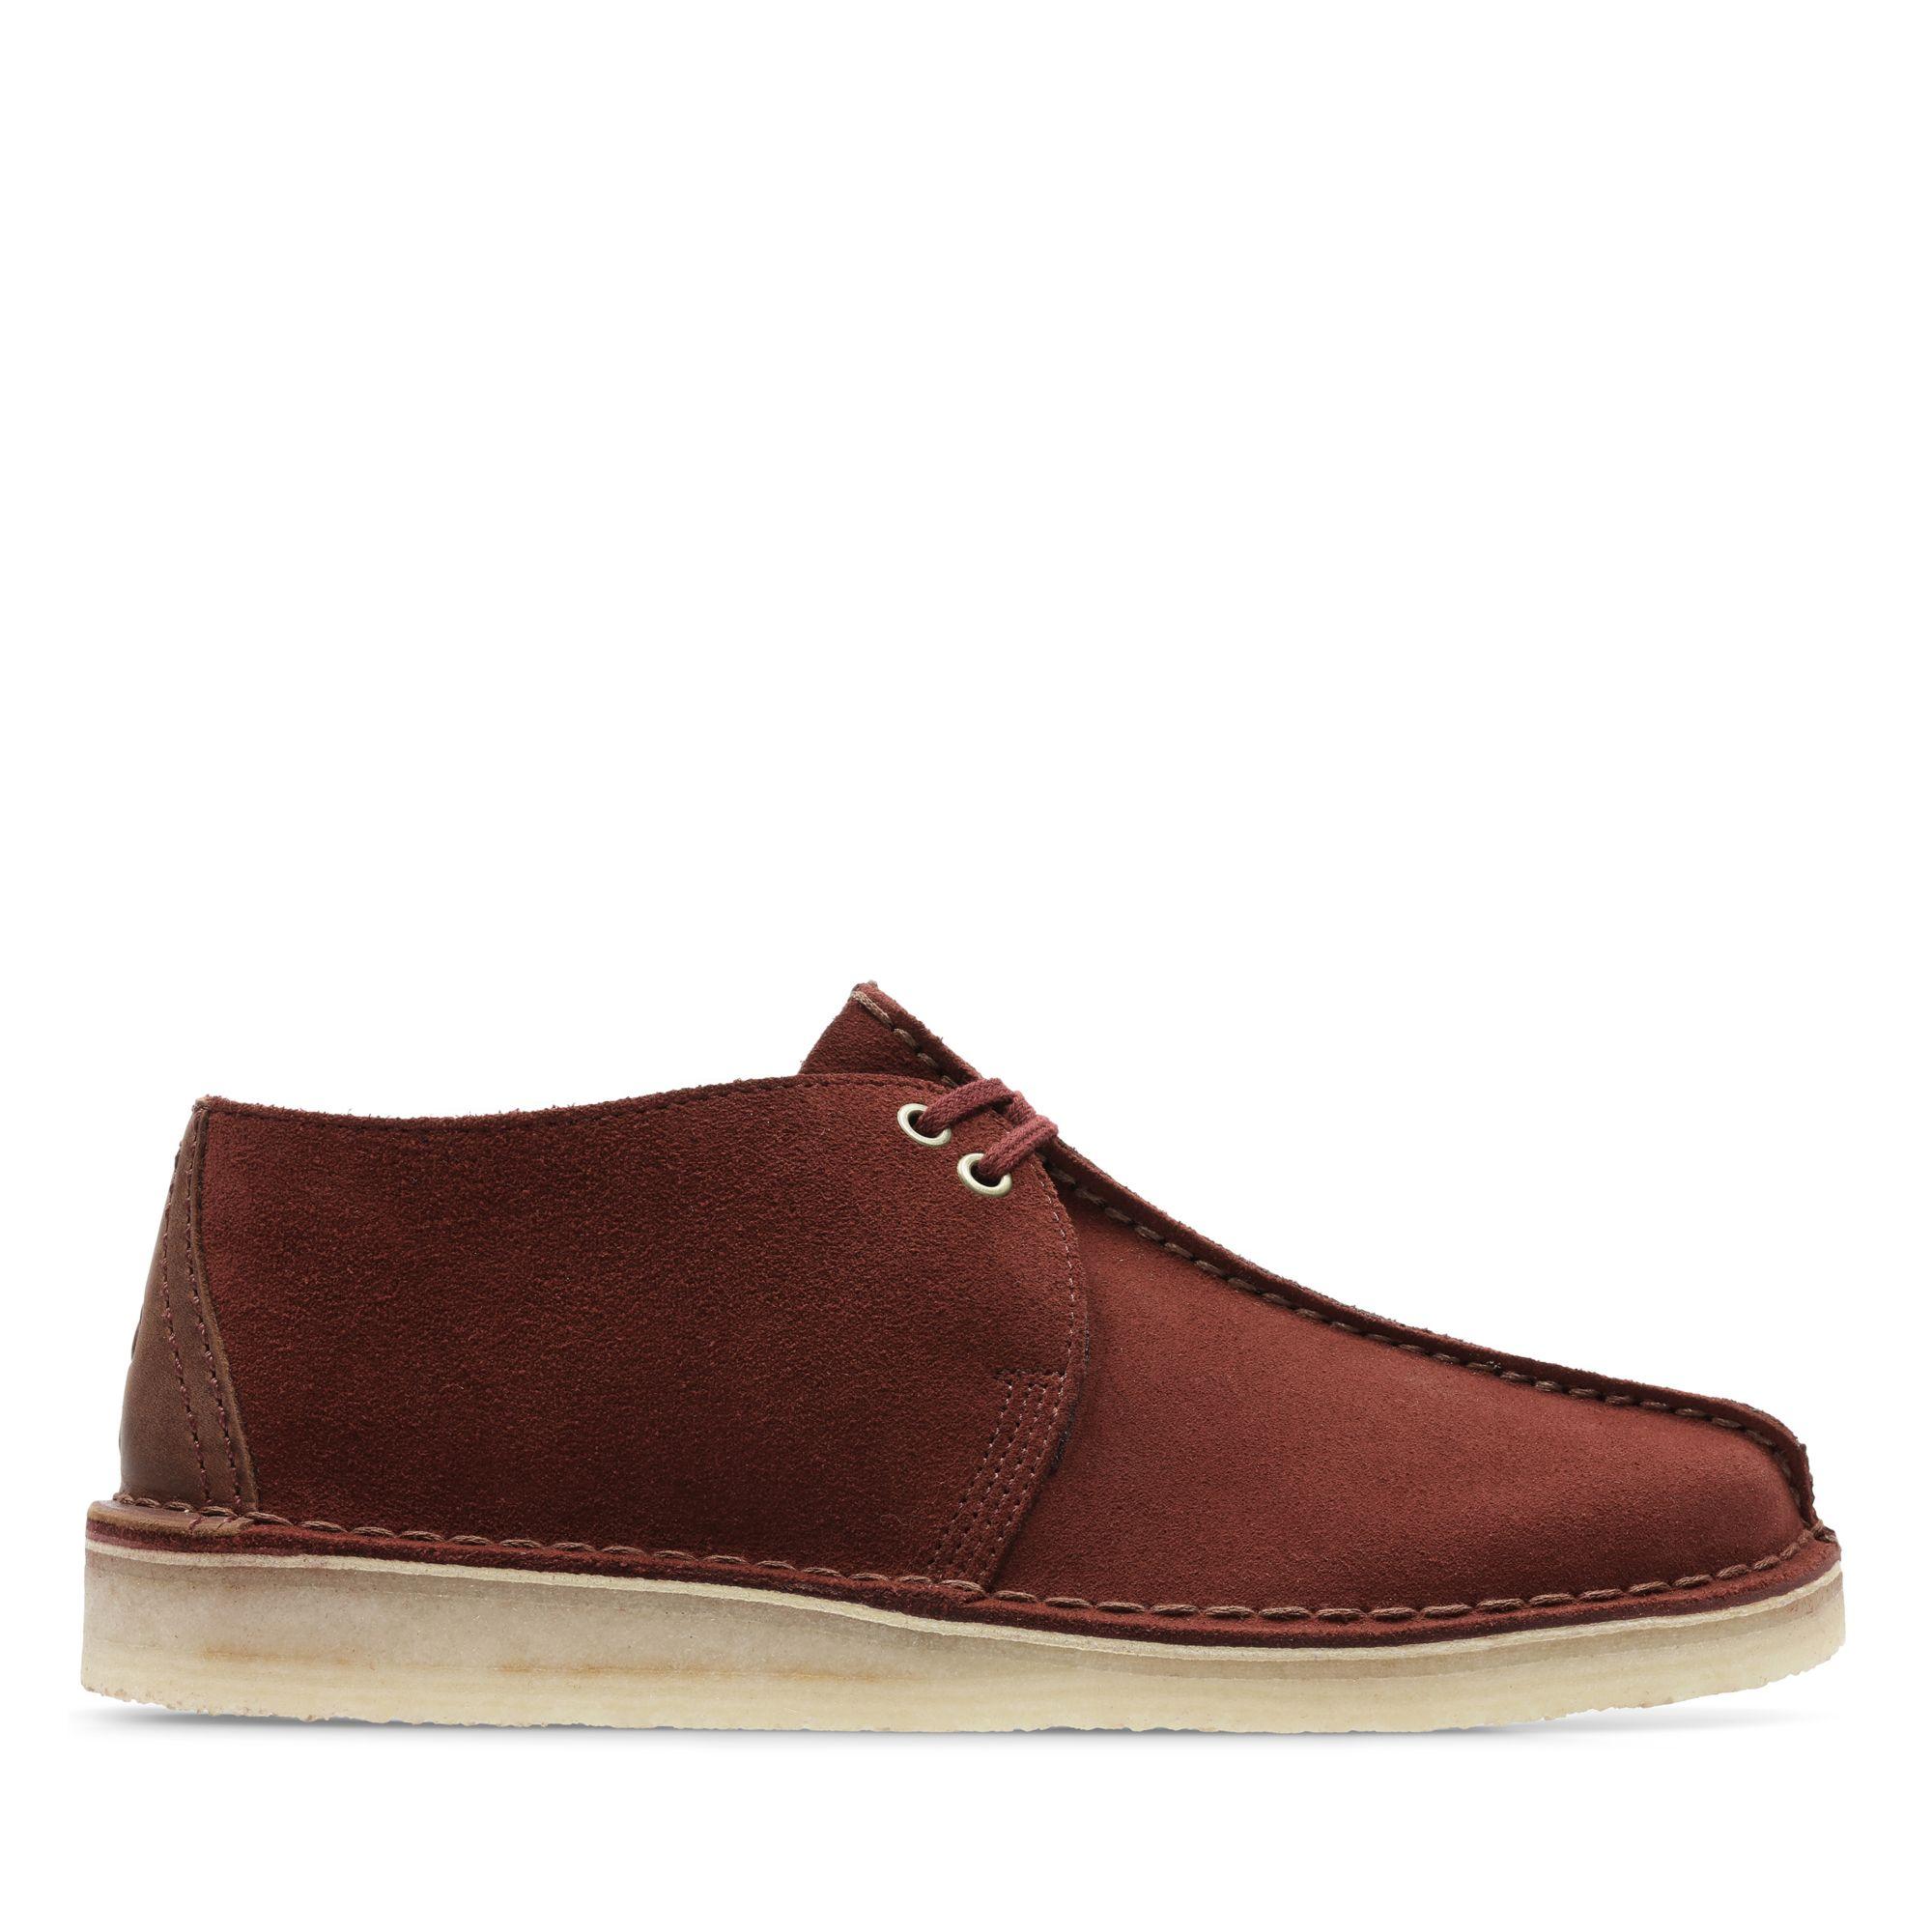 60s Mens Shoes | 70s Mens shoes – Platforms, Boots Clarks Desert Trek - Nut Brown - Mens 9 $79.99 AT vintagedancer.com